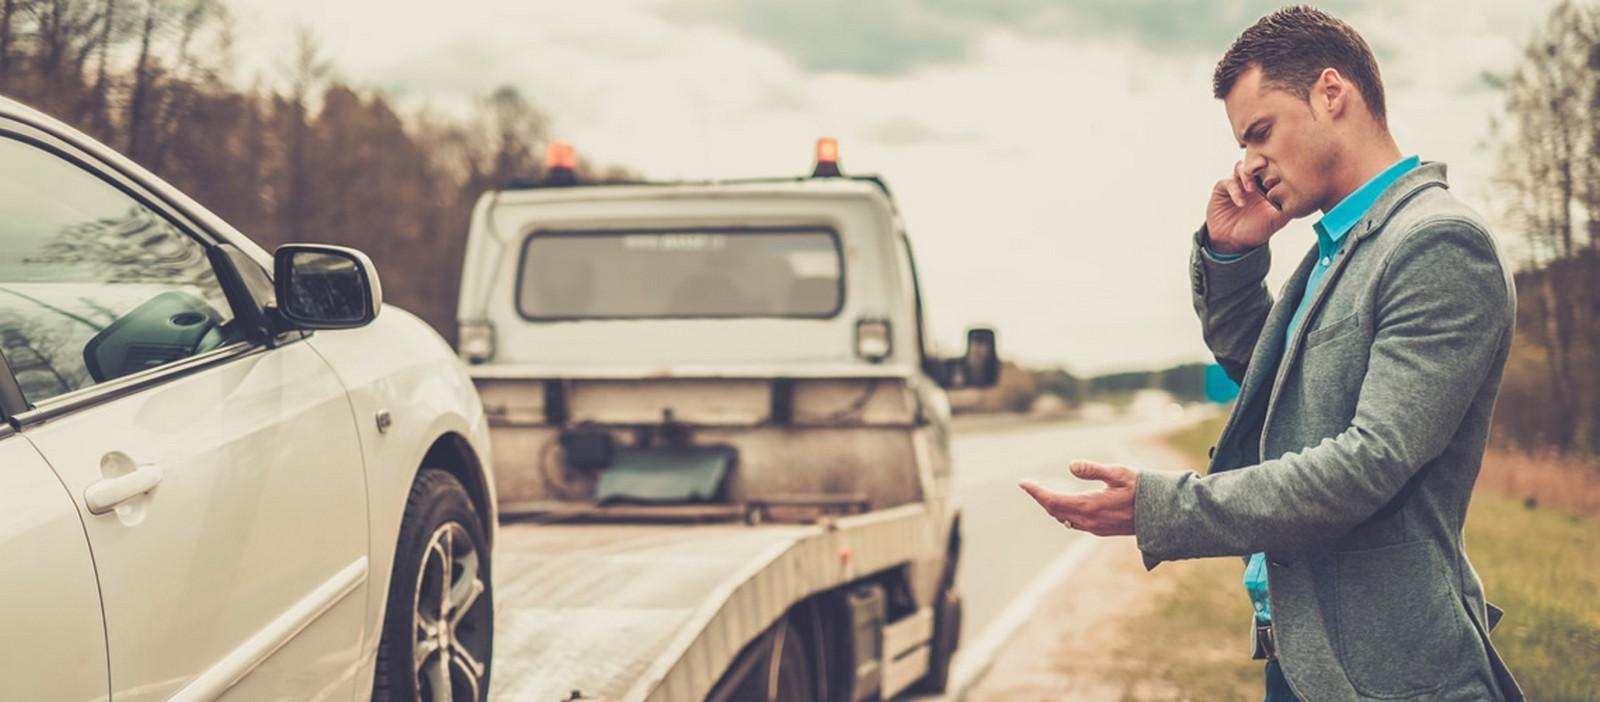 Platformele noastre de tractări sunt gata oricând să intervină și să vă ajute să transportați orice vehicul în dificultate